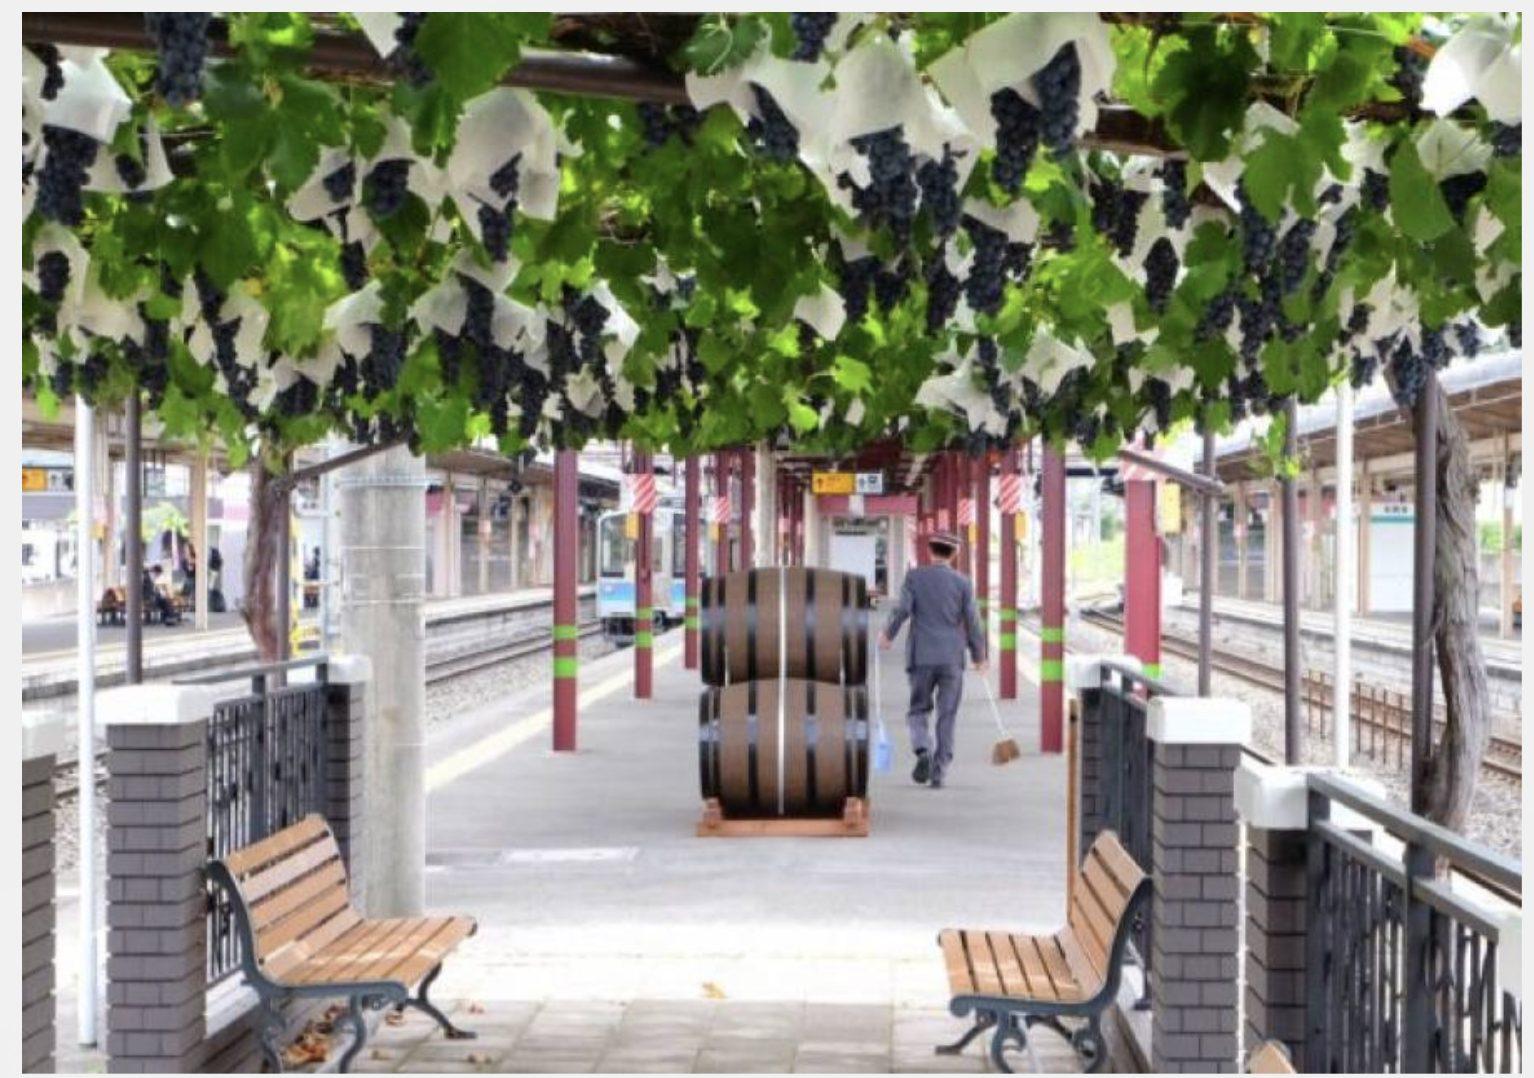 Il vino dall'uva cresciuta in una stazione rappresenta tutta la poetica del Giappone